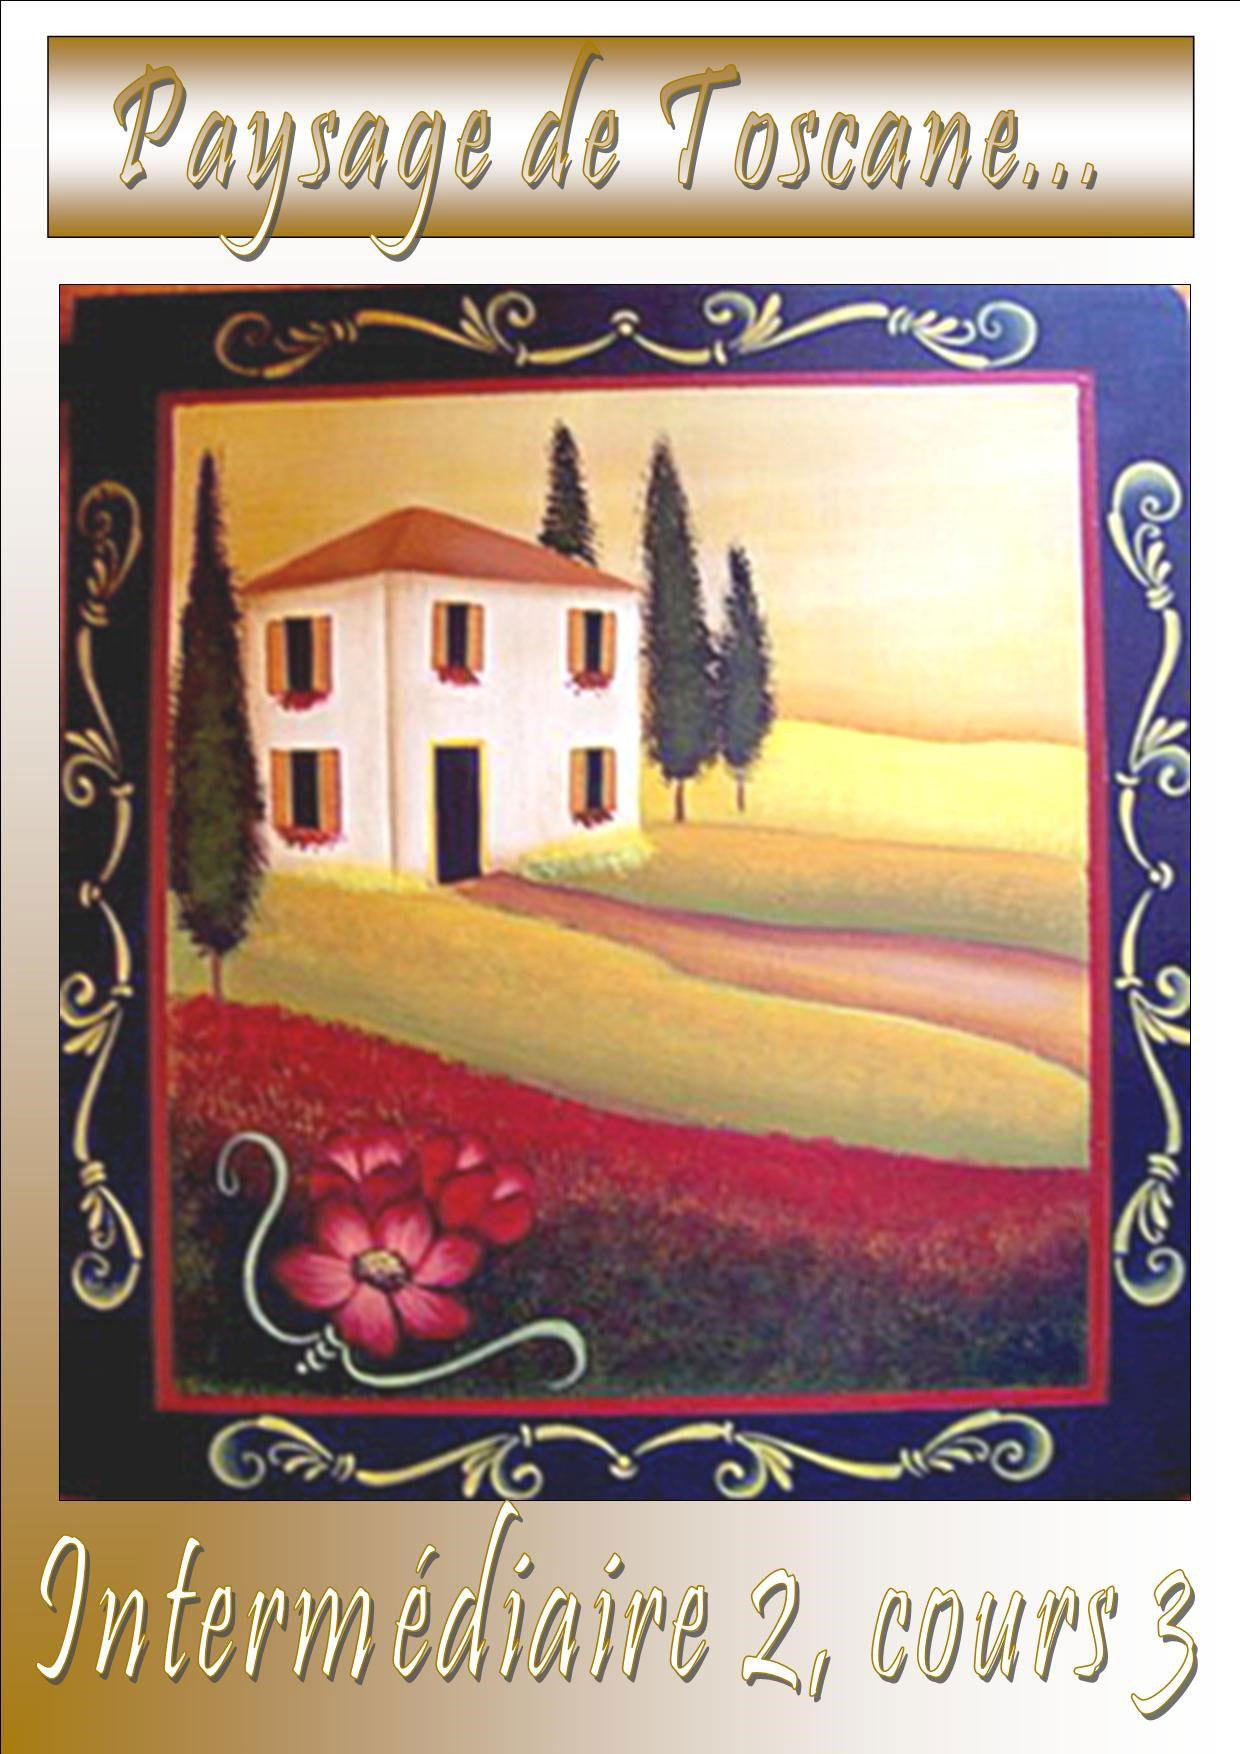 Paysage de Toscane - Véronique Landry